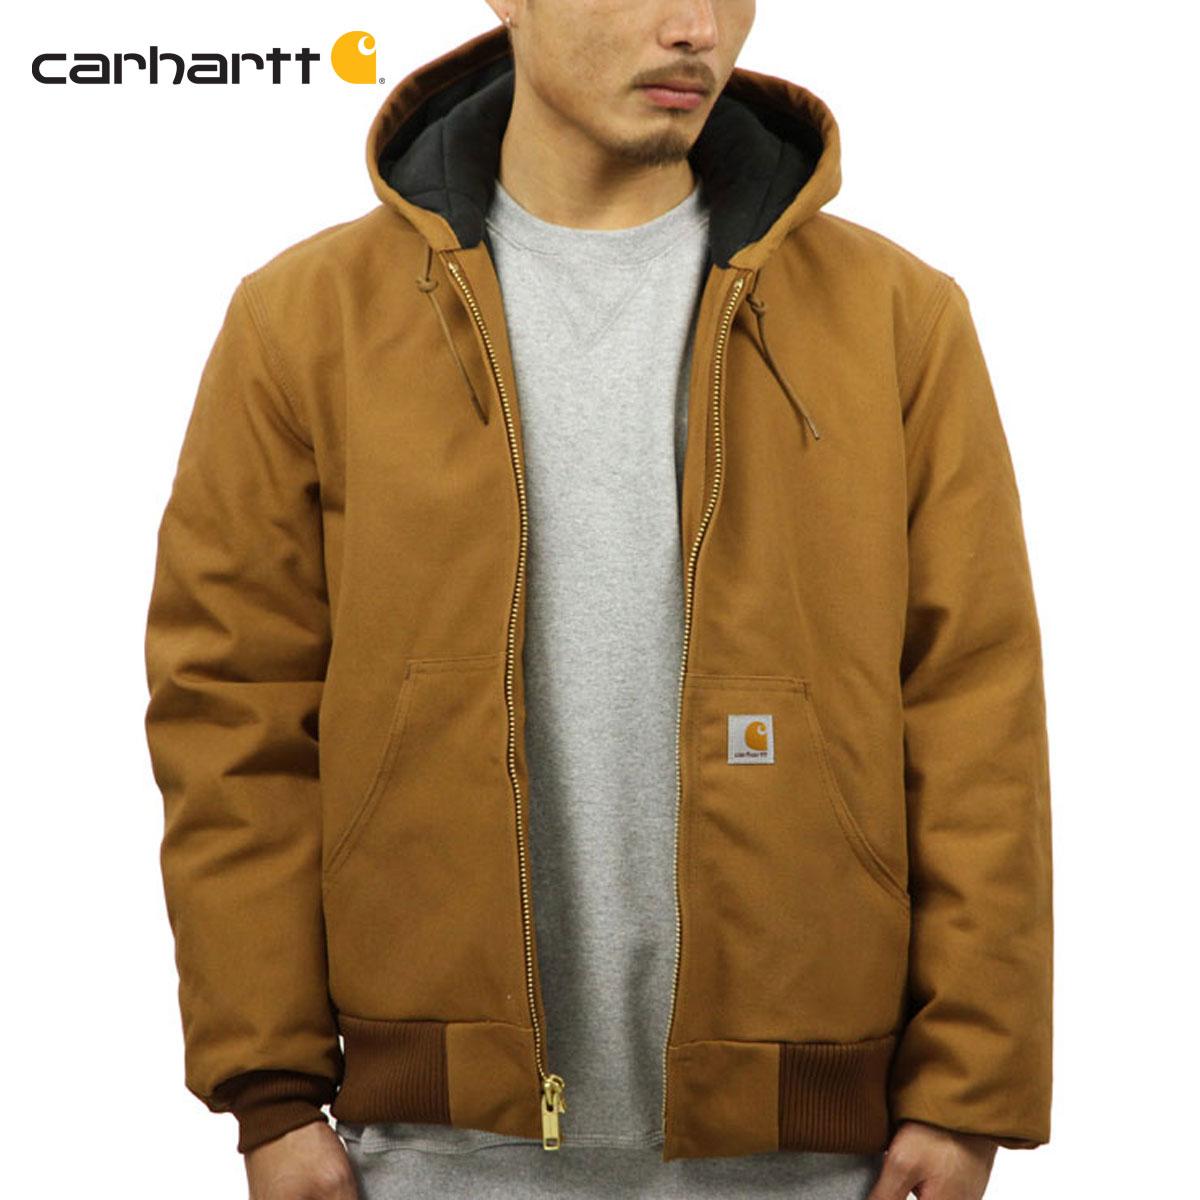 カーハート CARHARTT 正規品 メンズ アウタージャケット QUILTED FLANNEL LINED DUCK ACTIVE JACKET J140-BRN-CARHARTT BROWN